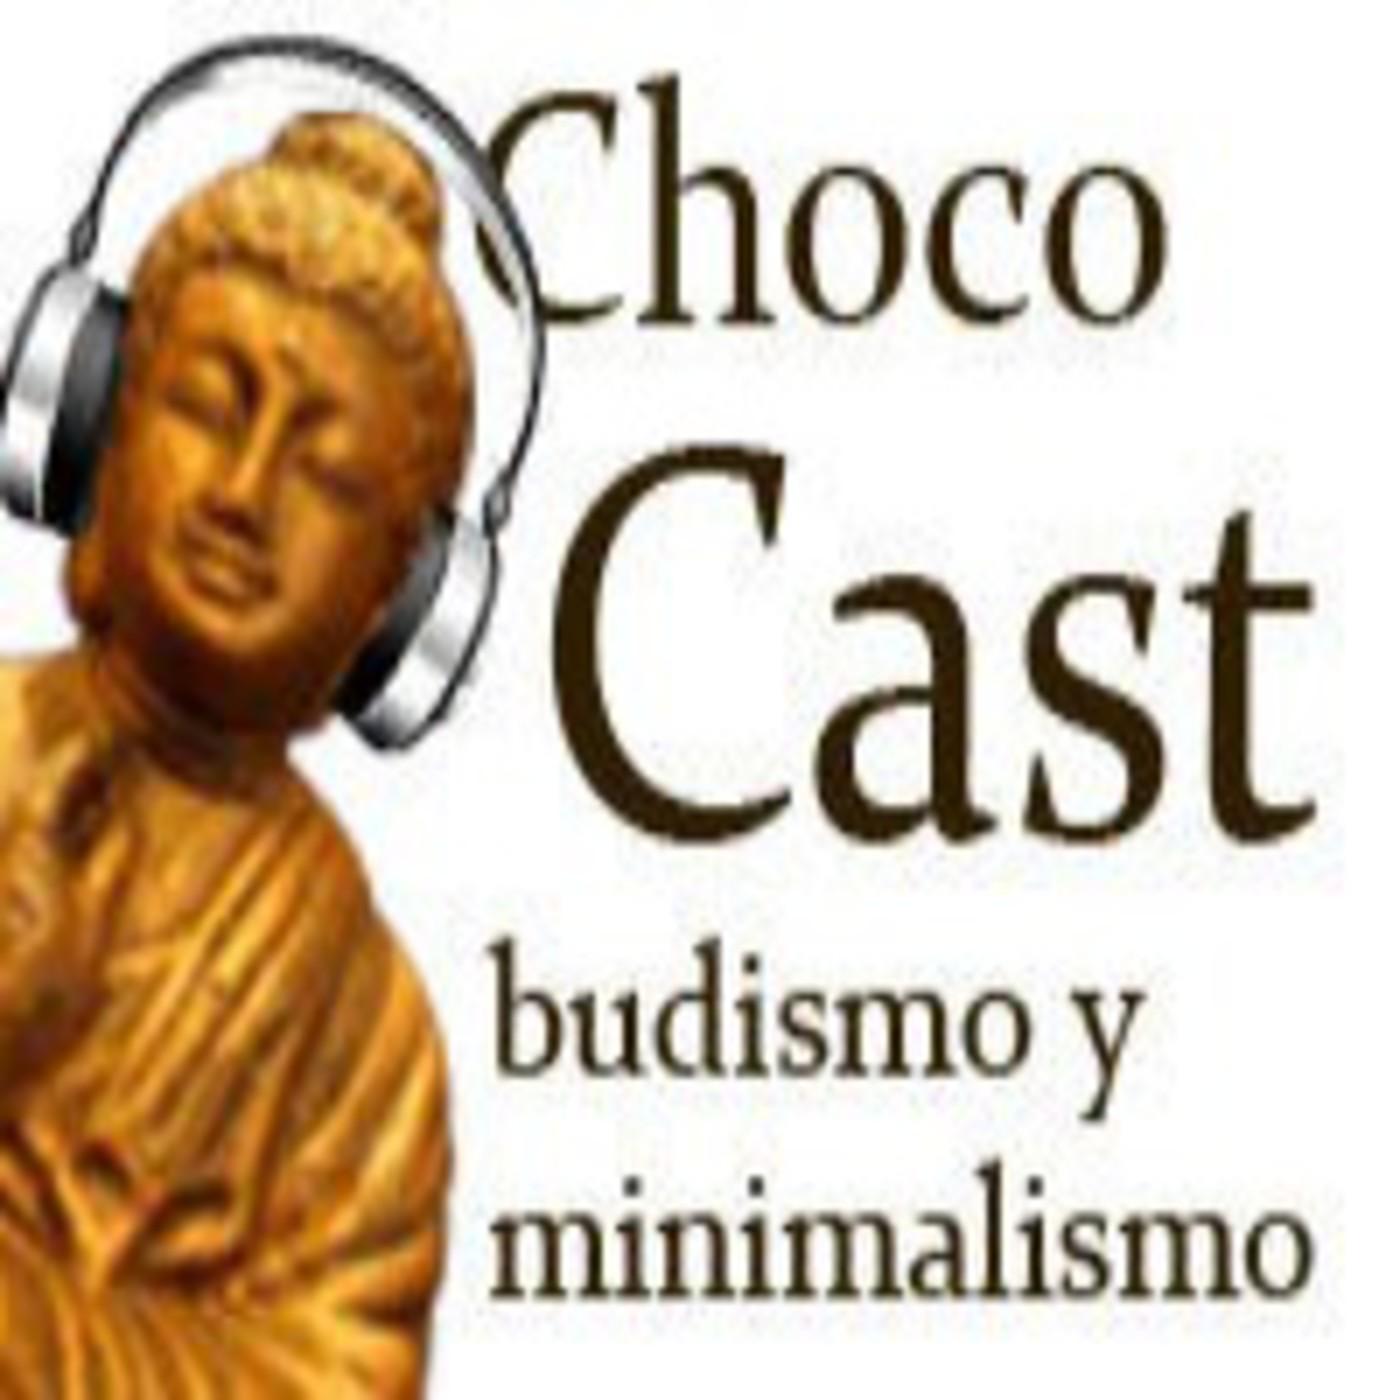 ChocoCast Episodio 2. Corazón roto.